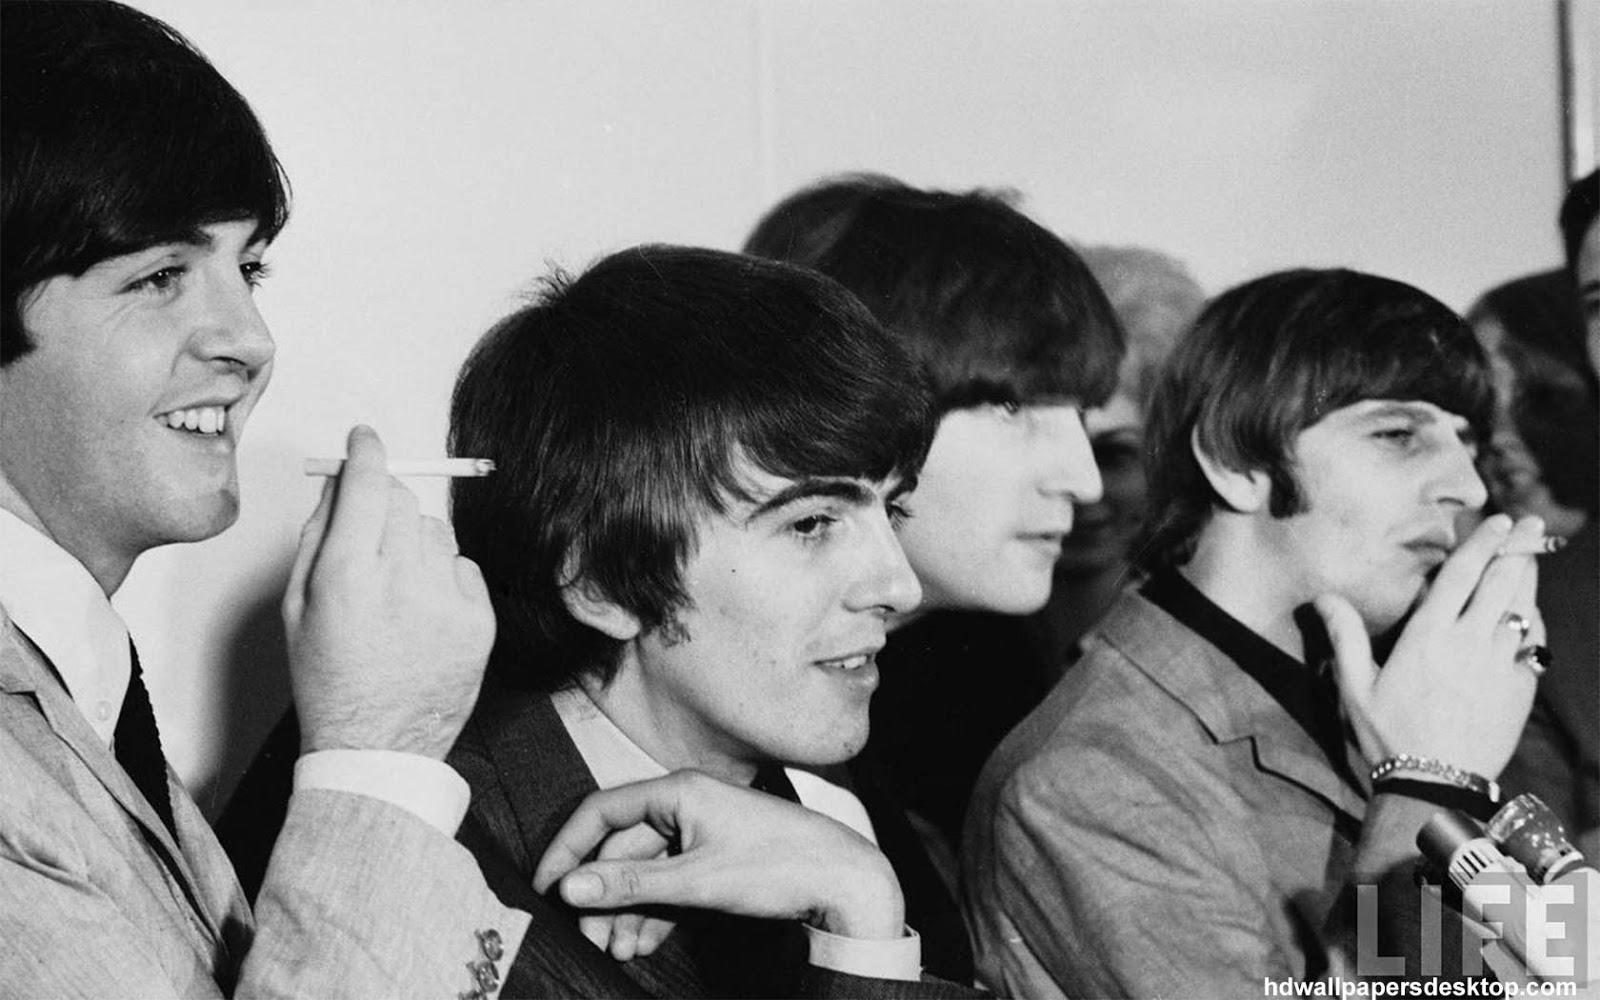 Simple Wallpaper Mac The Beatles - The+Beatles+Wallpaper+24  Gallery_695846.jpg